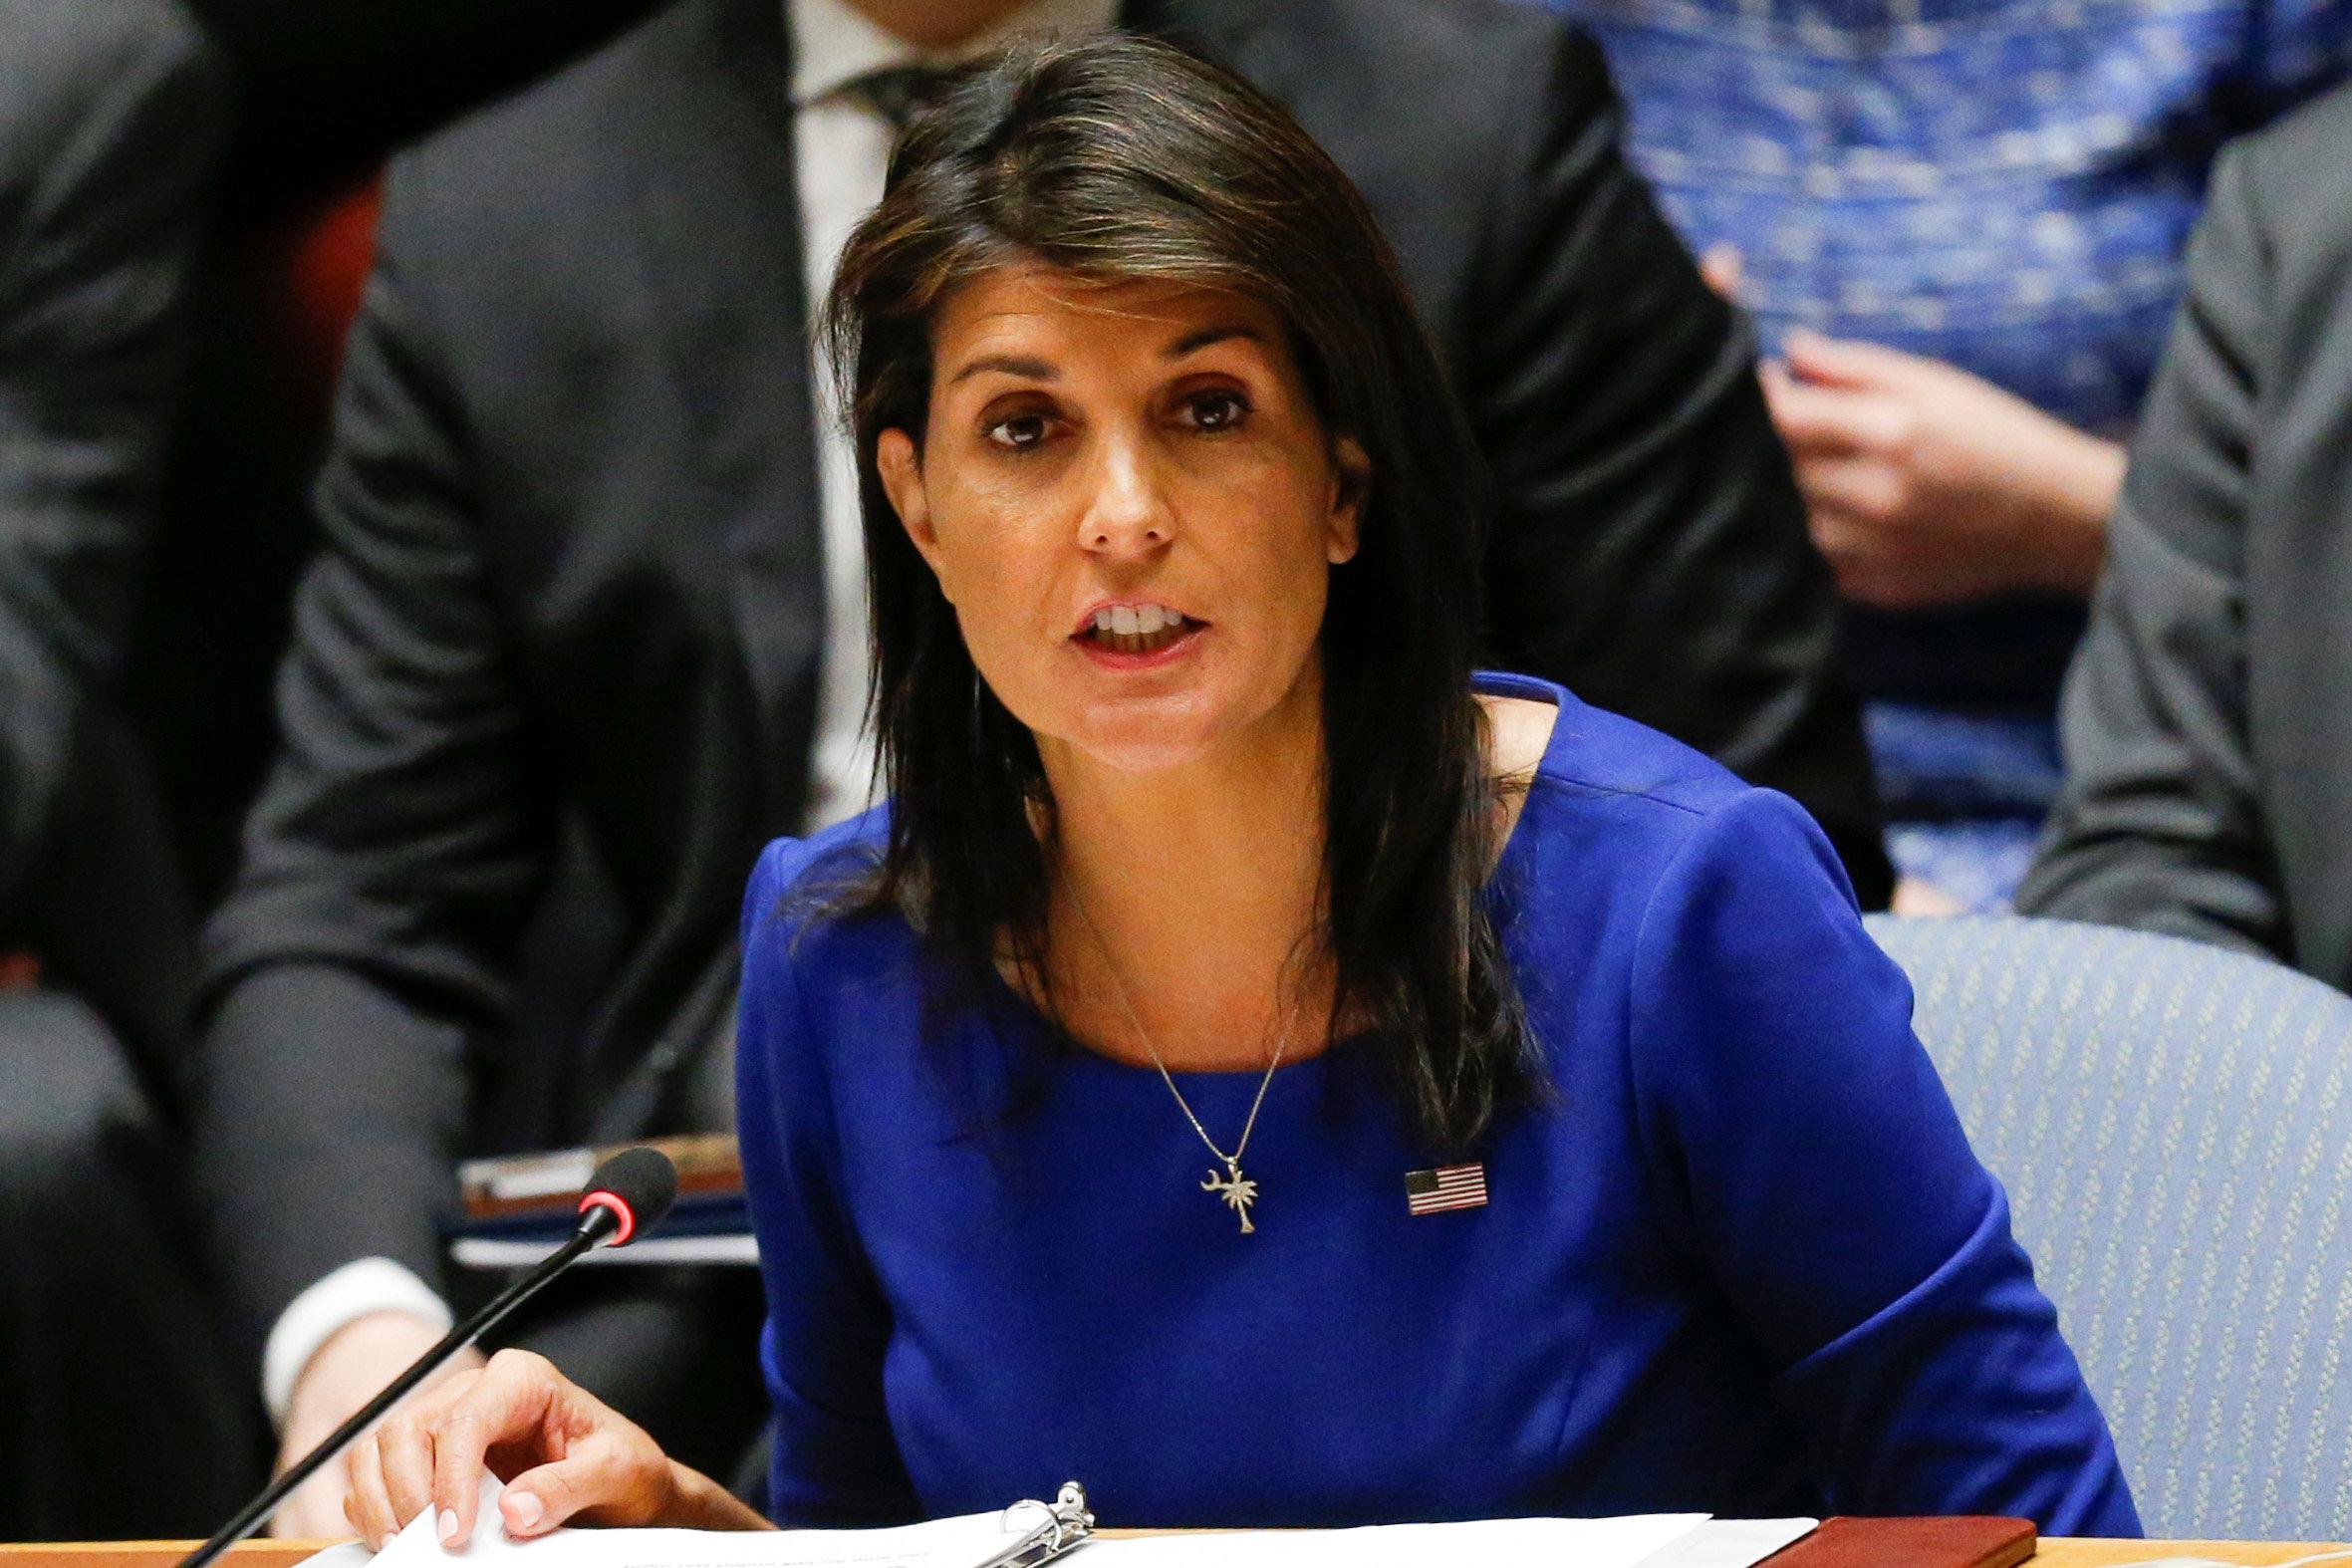 نيكي هيلي السفيرة الأميركية بالأمم المتحدة